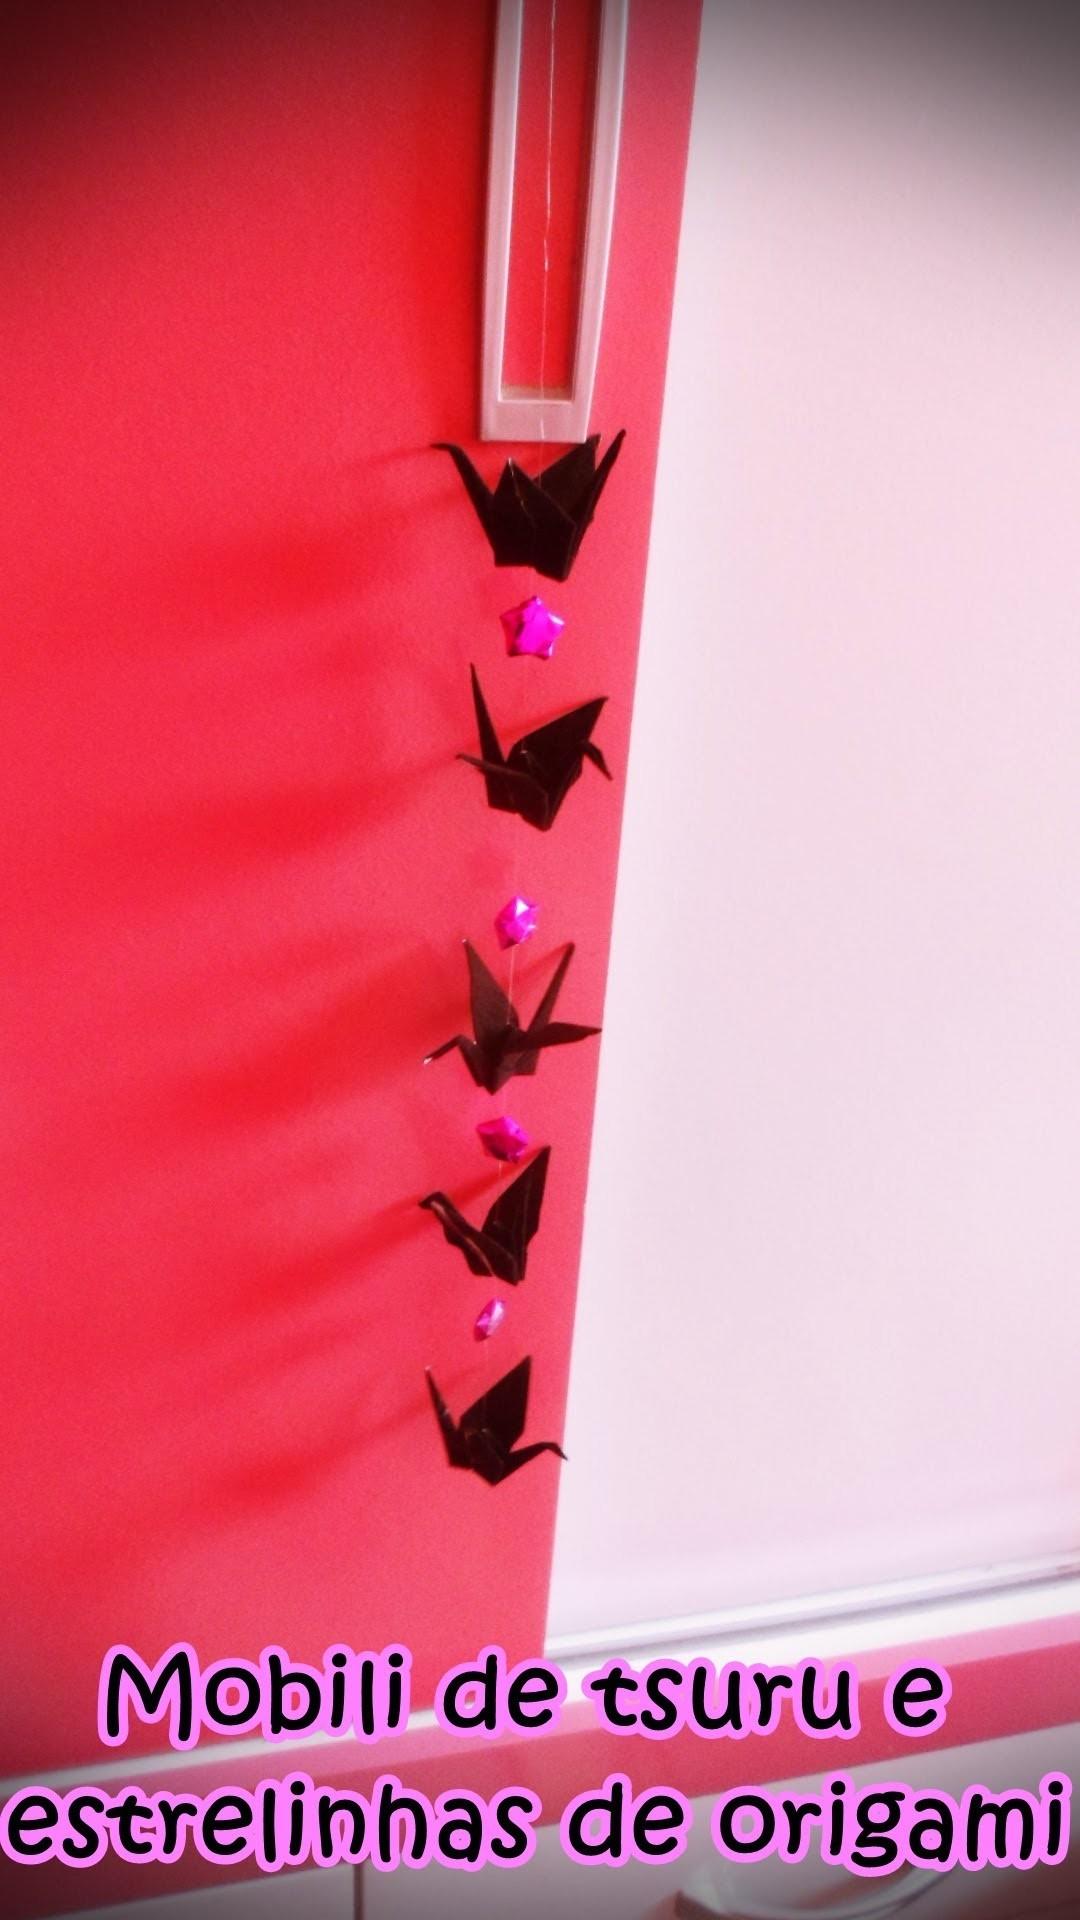 Mobili de tsuru e  estrelinhas de origami